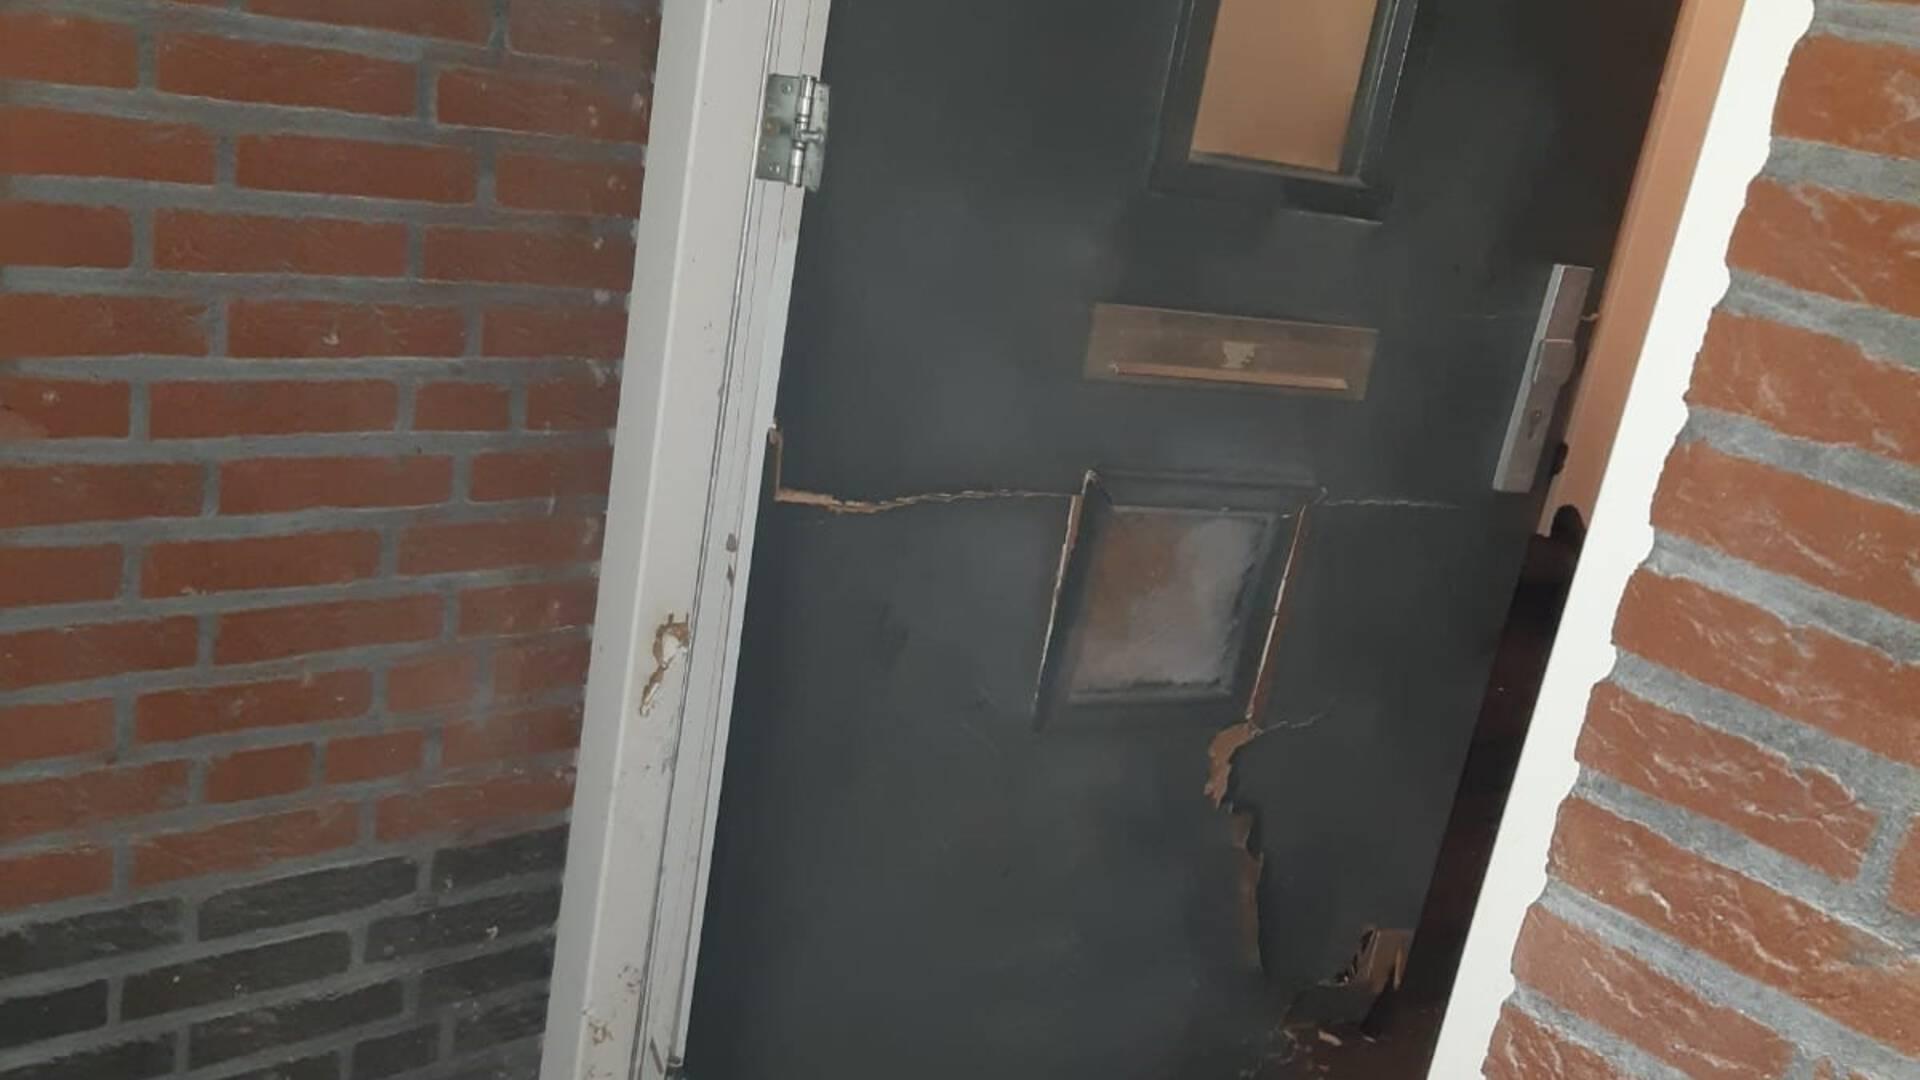 تفجير باب منزل عمدة بلدية Woensdrecht بقنبلة ألعاب نارية